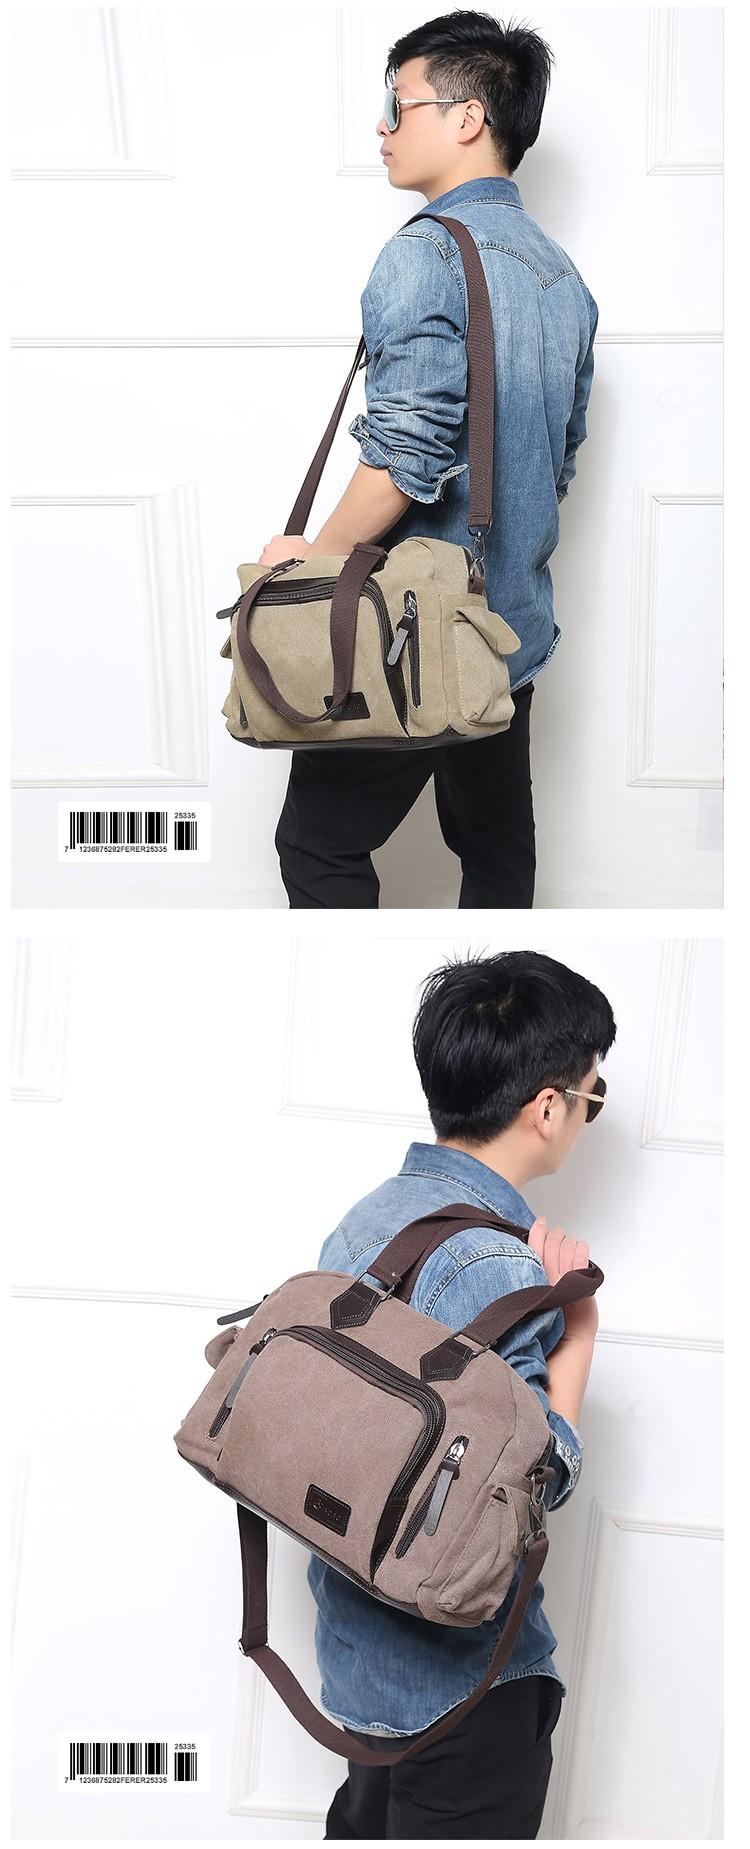 2016 men\'s travel bag canvas men messenger bag brand men\'s bag vintage style briefcase,Travel Shoulder bag (14)